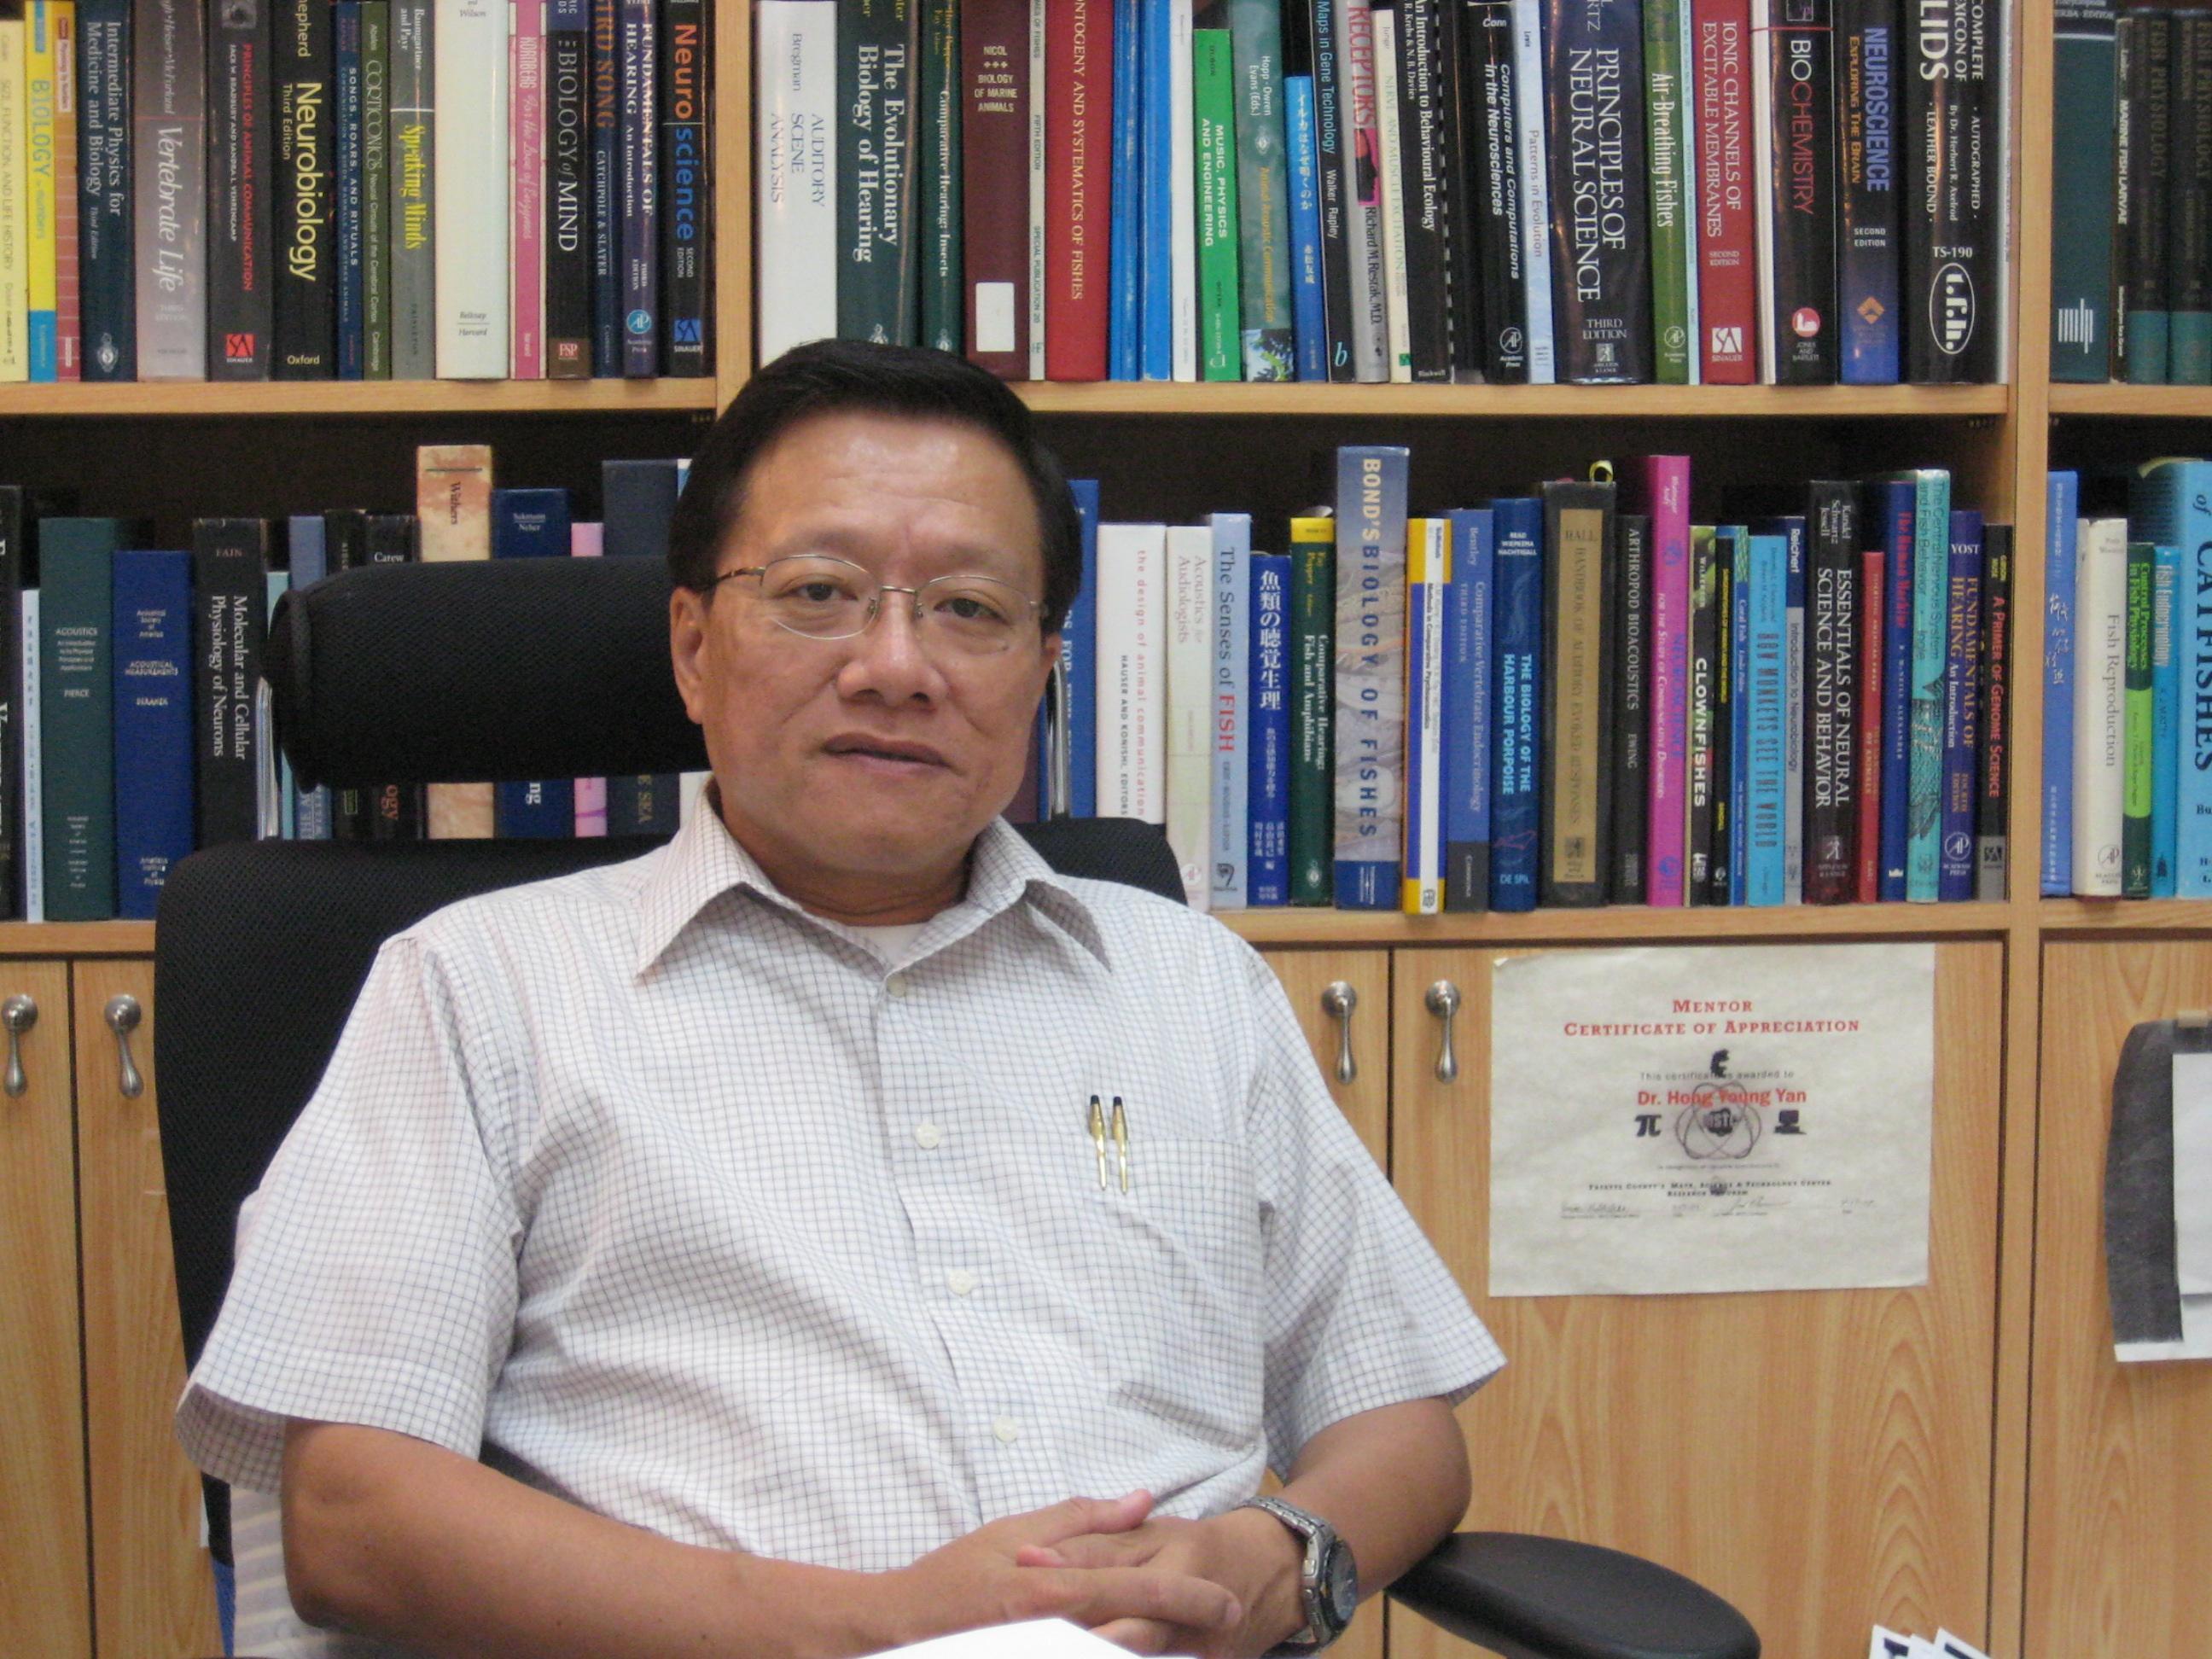 嚴宏洋教授